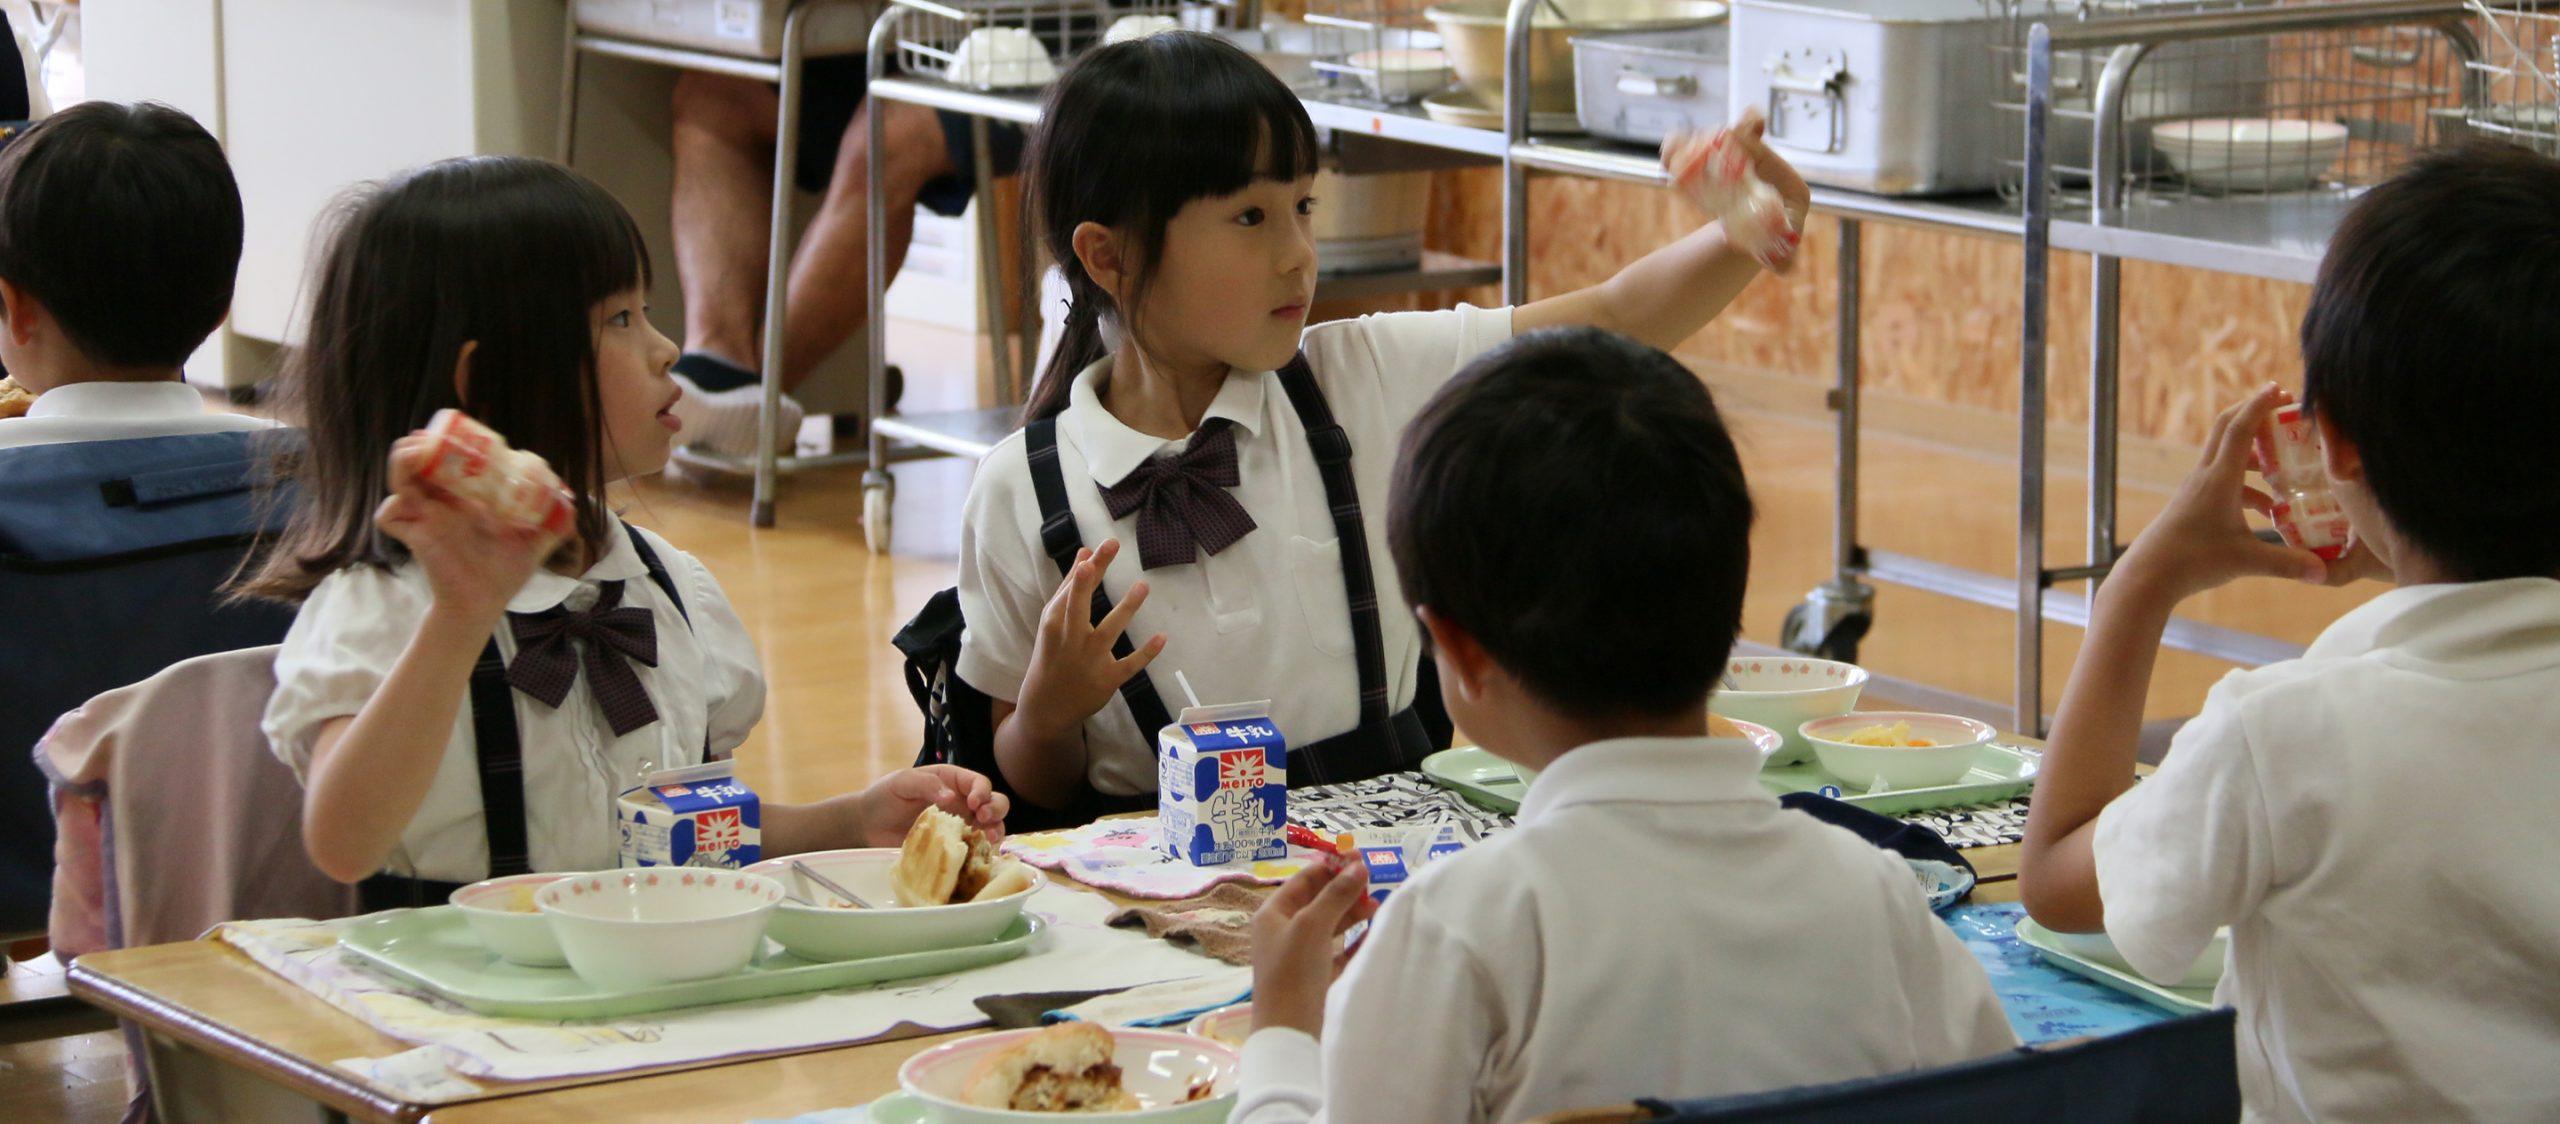 จากท้องอิ่มถึงวัฒนธรรม เบื้องหลังอาหารกลางวันเด็กญี่ปุ่นที่มียาคูลท์เป็นส่วนประกอบ